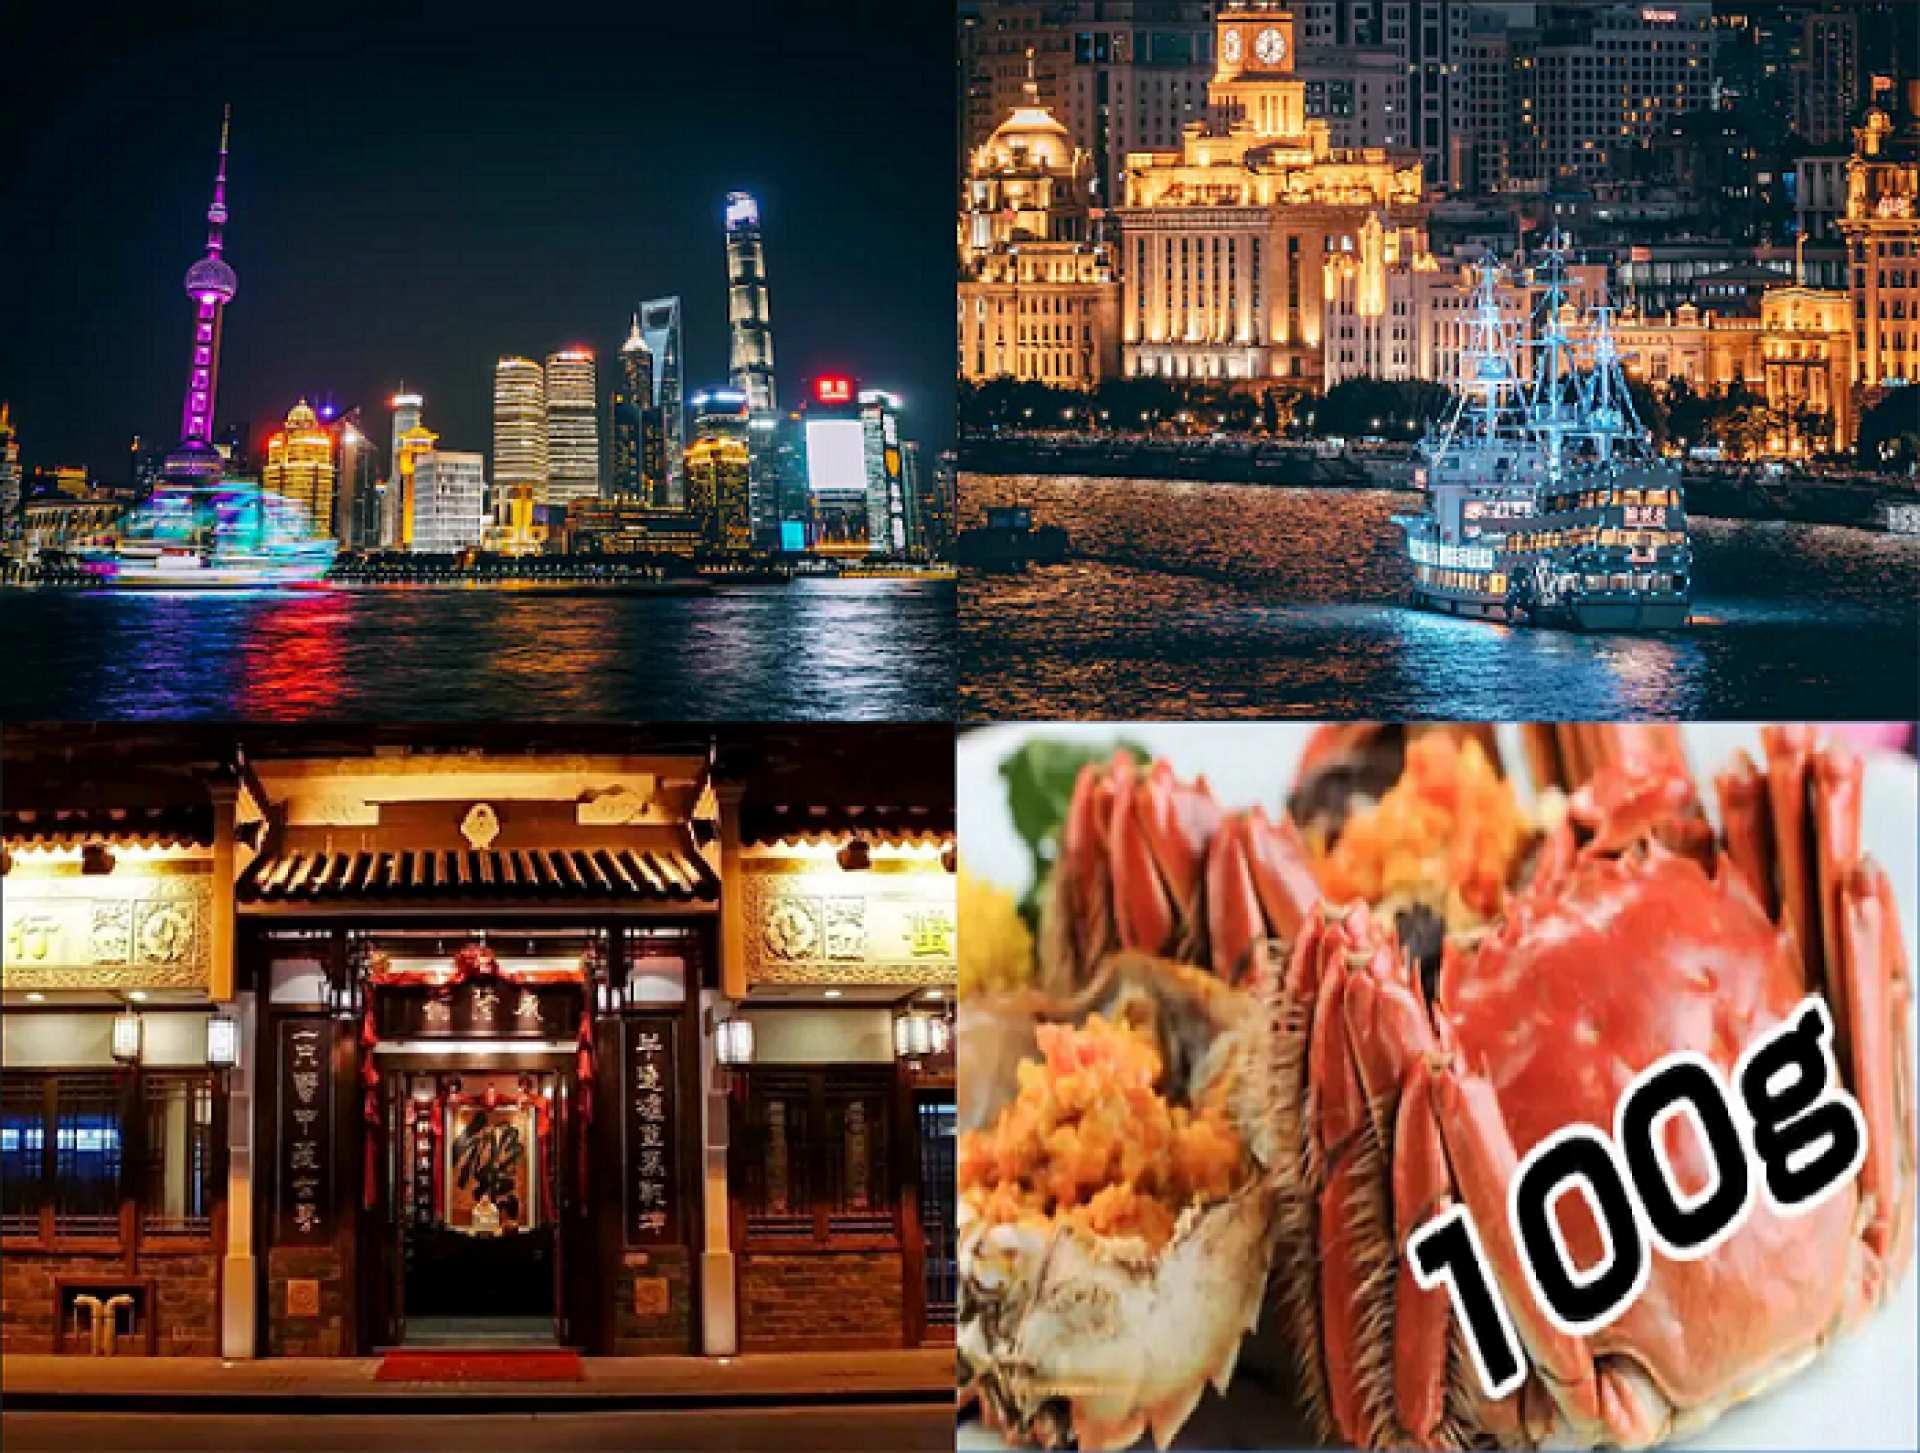 【日本語ガイド】「成隆行蟹王府」で上海蟹コースディナー&黄浦江ナイトクルーズで夜景鑑賞(ホテル送迎付き)